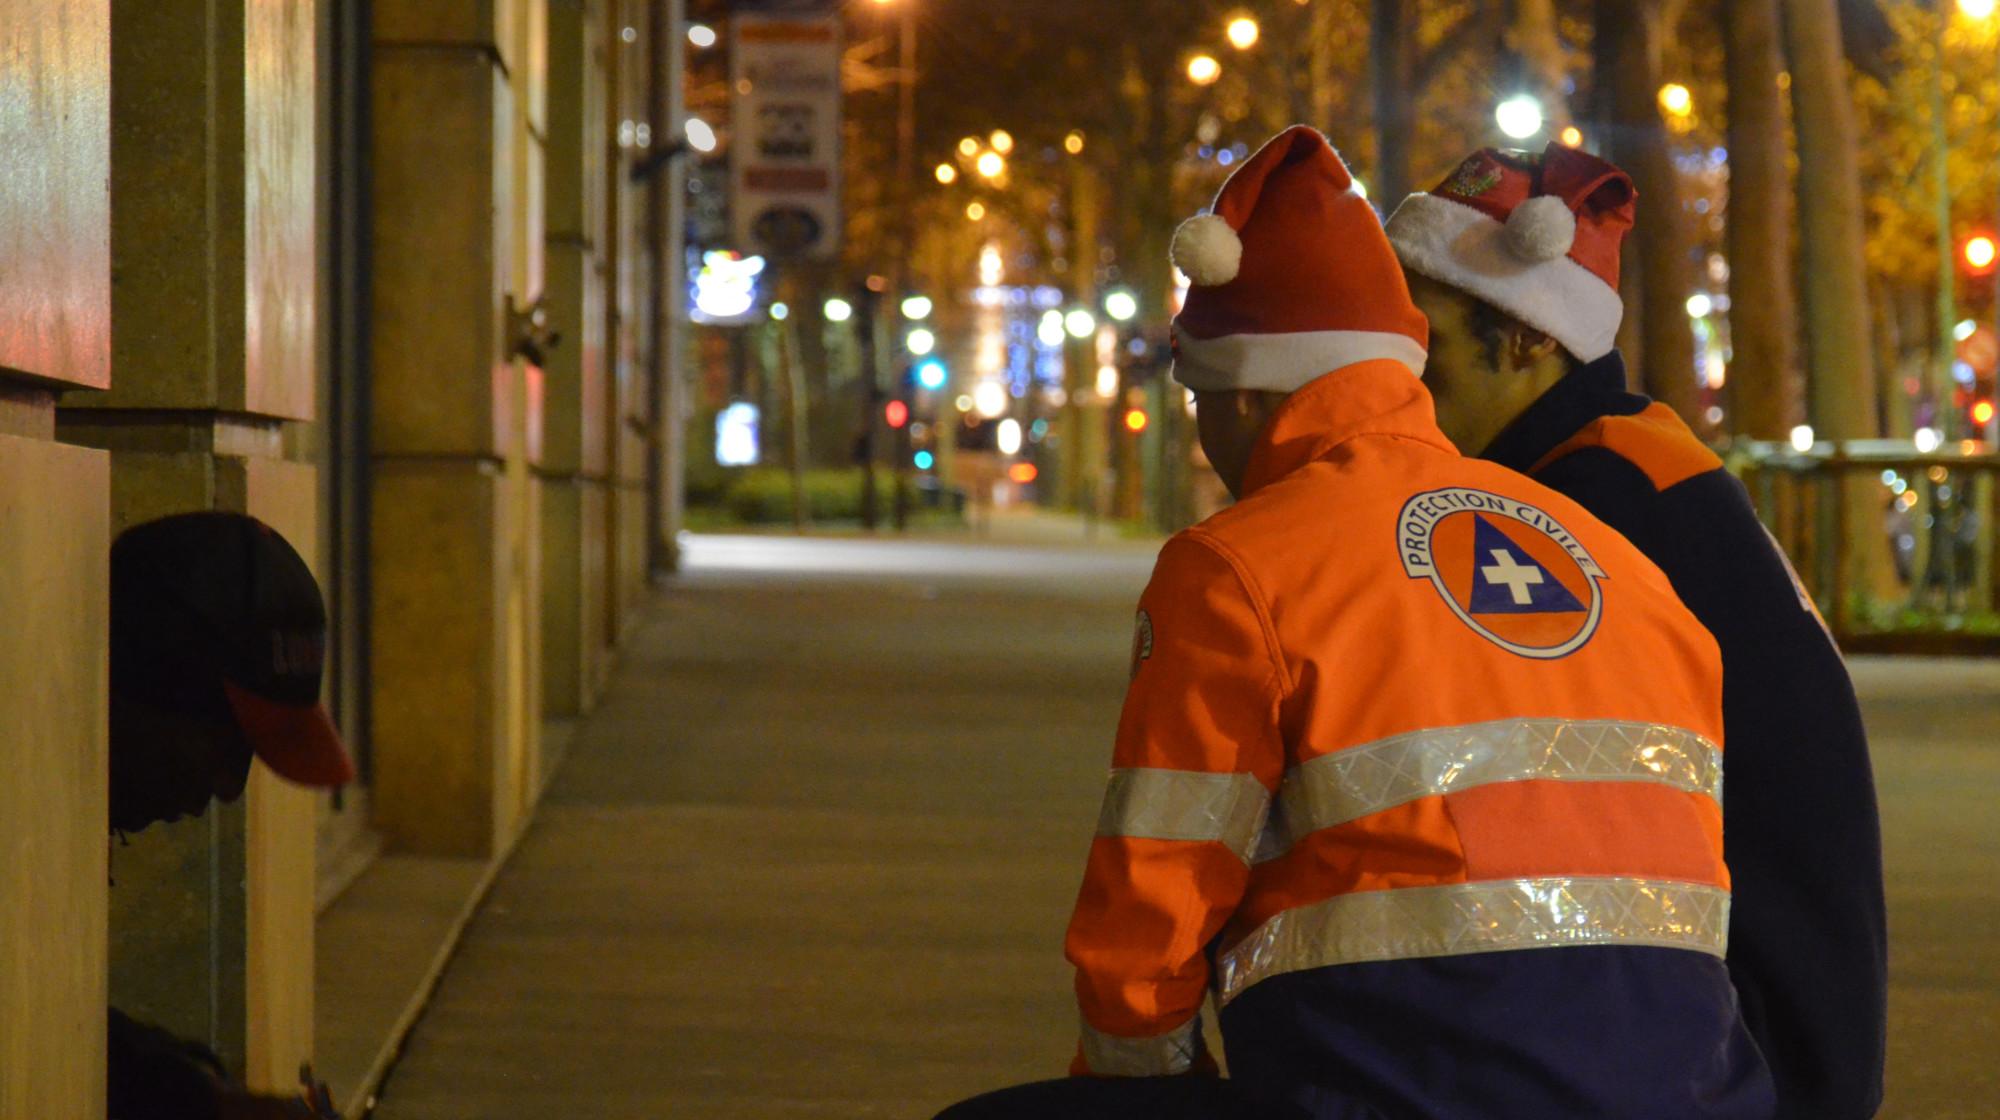 Aide-aux-sans-abris-protection-civile-de-paris-homepage1-e1425677187164